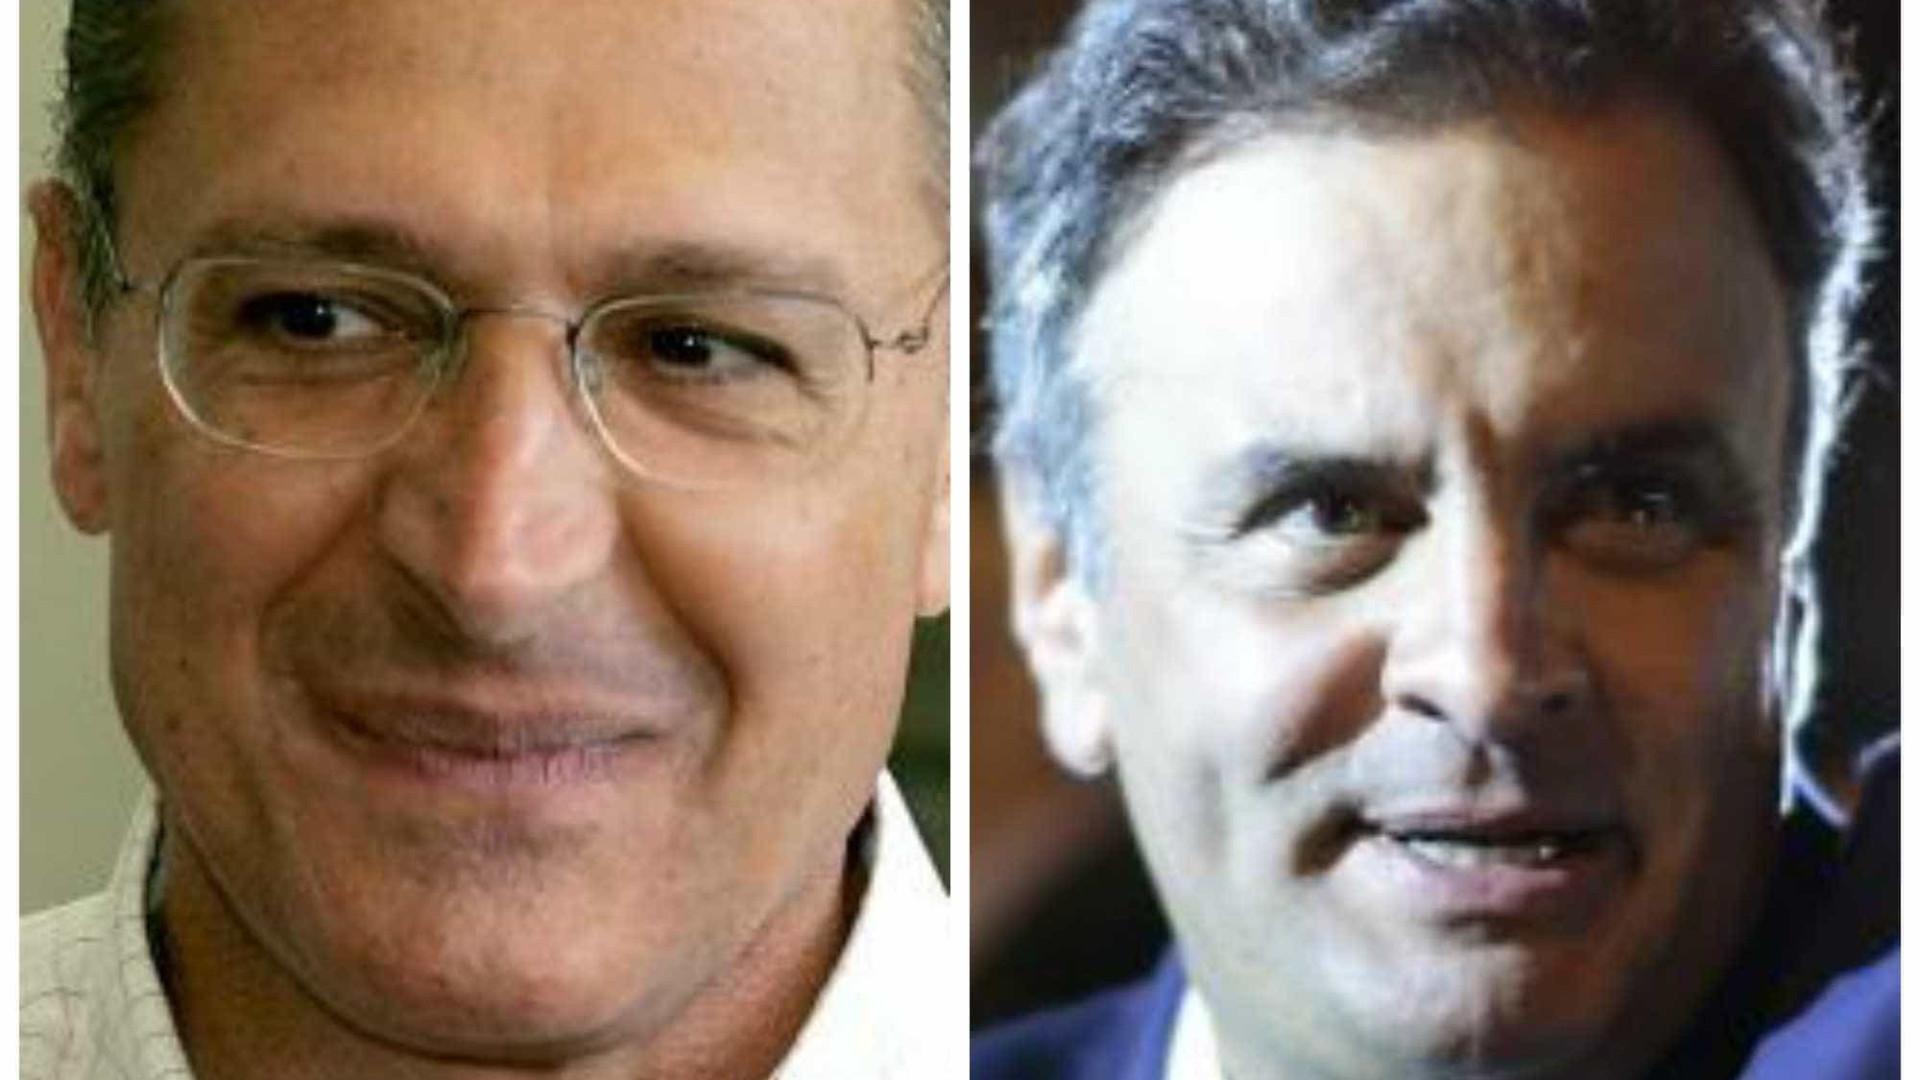 Derrota dentro de casa fragiliza Aécio e consagra Alckmin